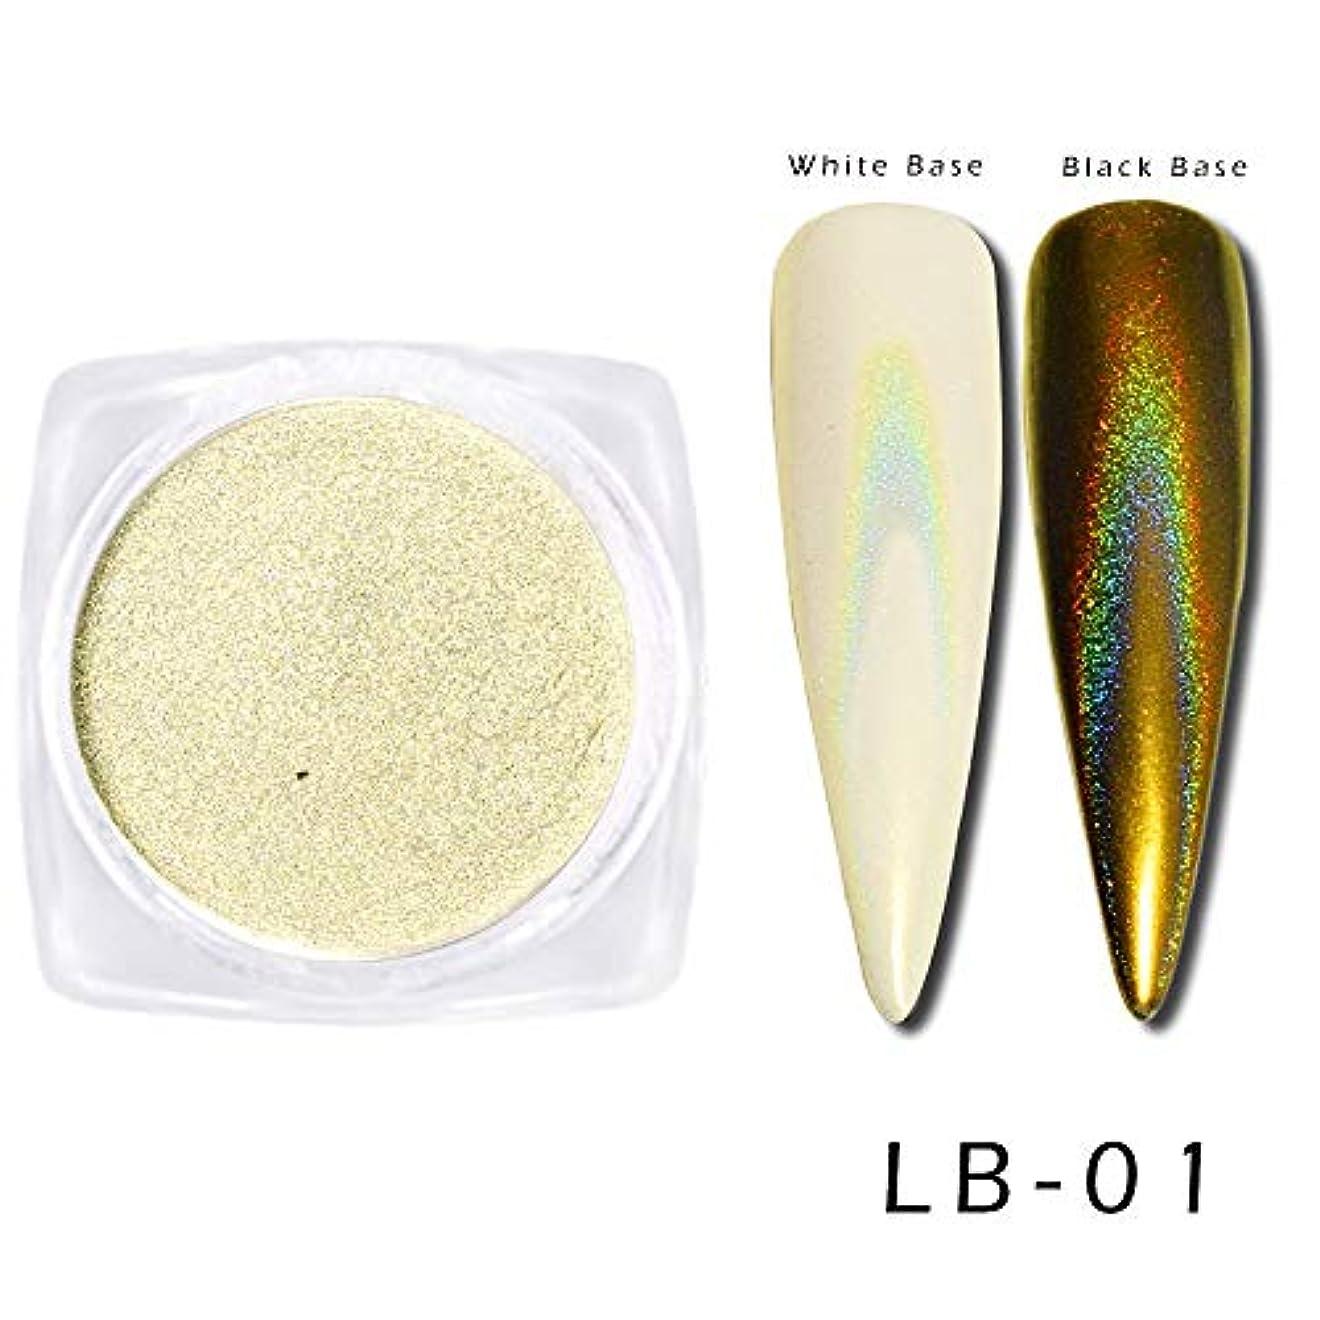 ホイットニー取得父方の0.5グラムネイル顔料クロームパウダーミラーカメレオンゴールドブルーパープルダストレーザーネイルアートグリッターデコレーションマニキュアSALB01-06 LB01